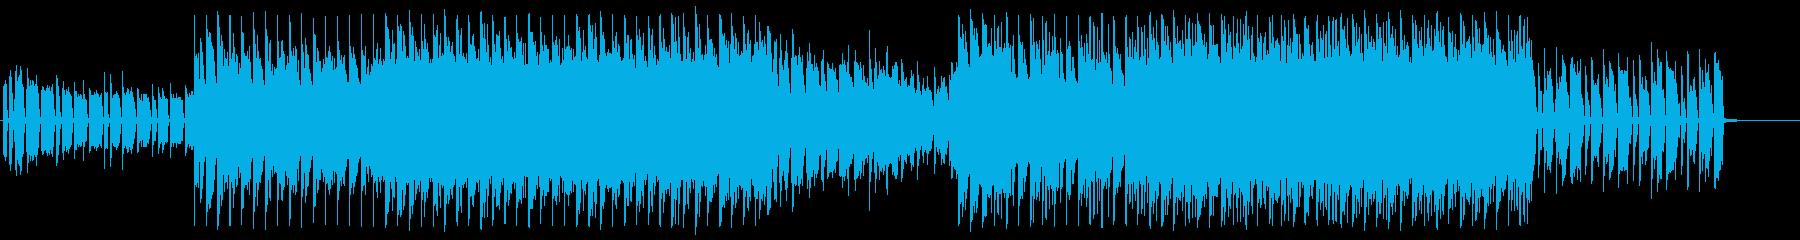 ダークで無機質・サイバーなテクスチャーの再生済みの波形